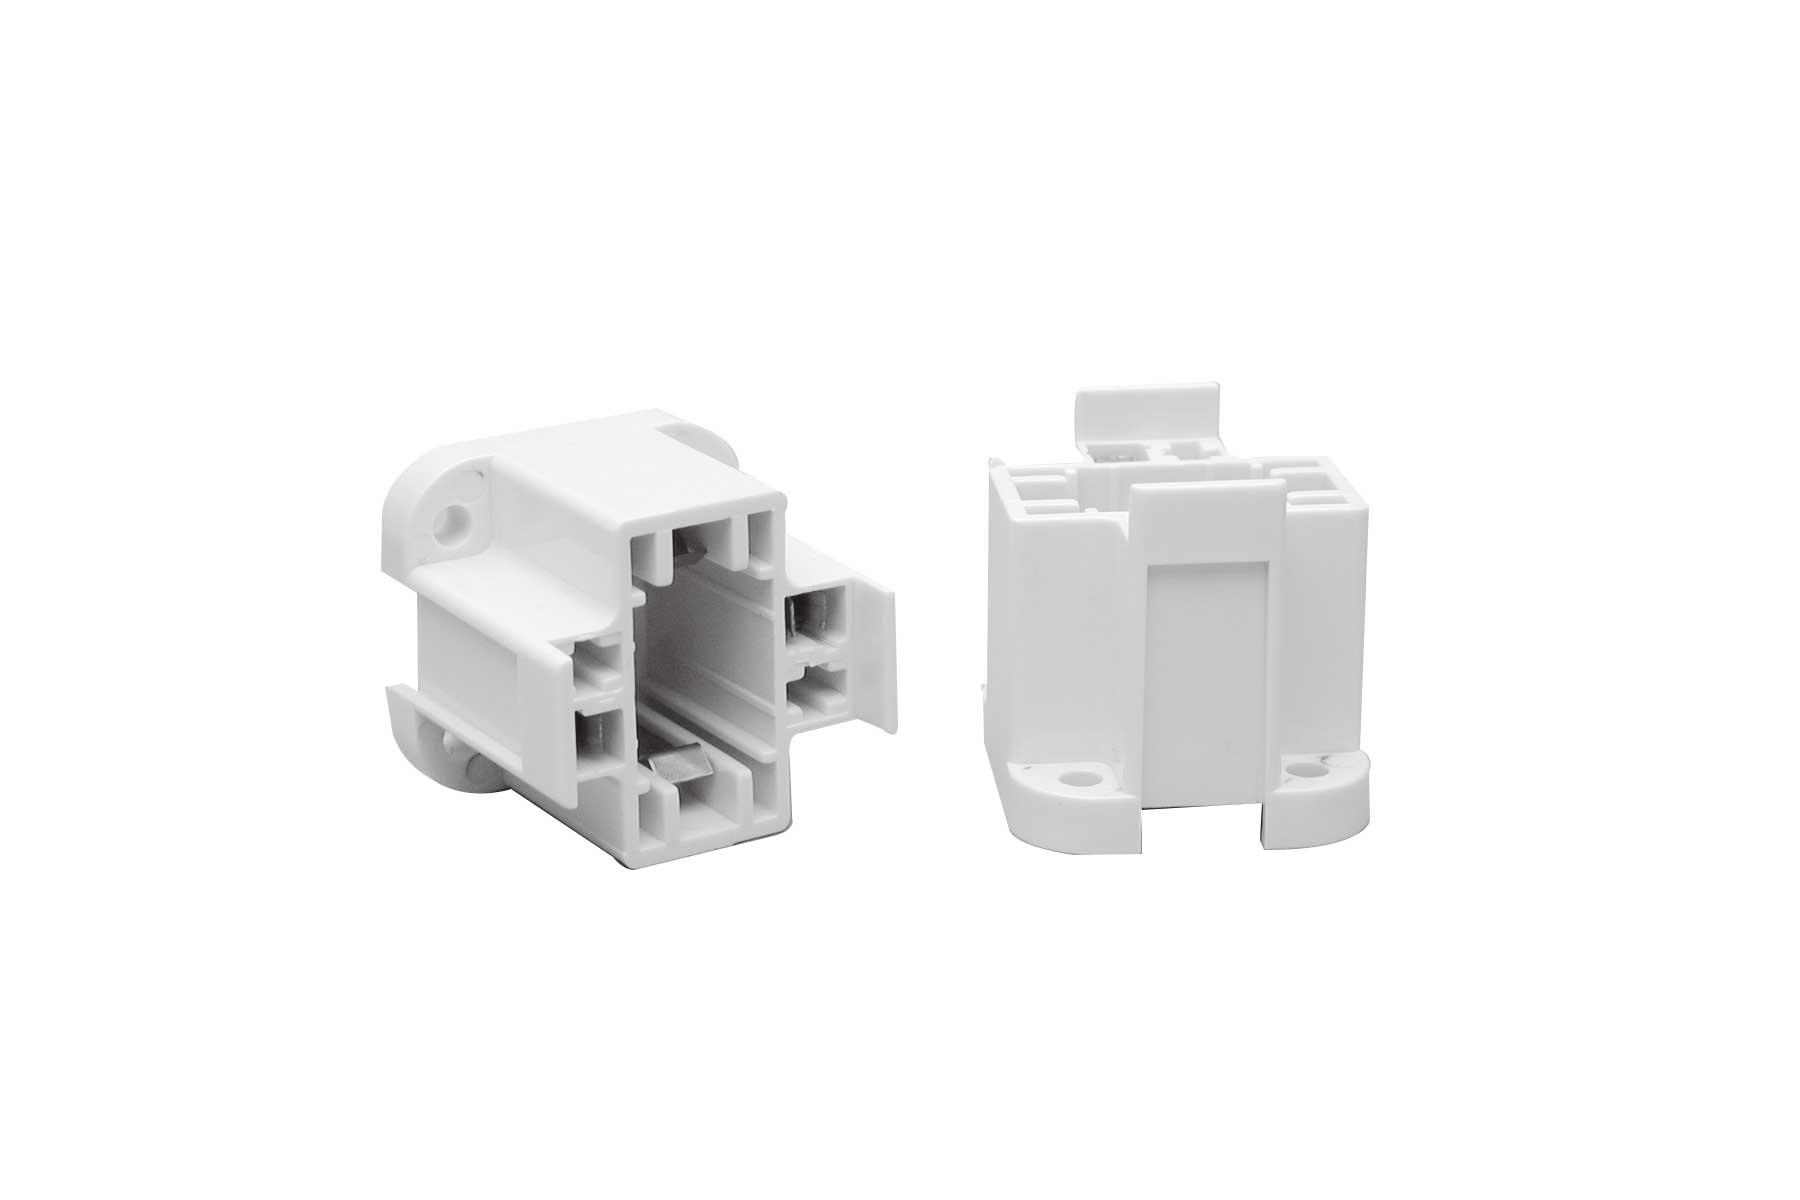 4 Pin G24-Q3/4, GX24-Q3/4 CFL Light Socket